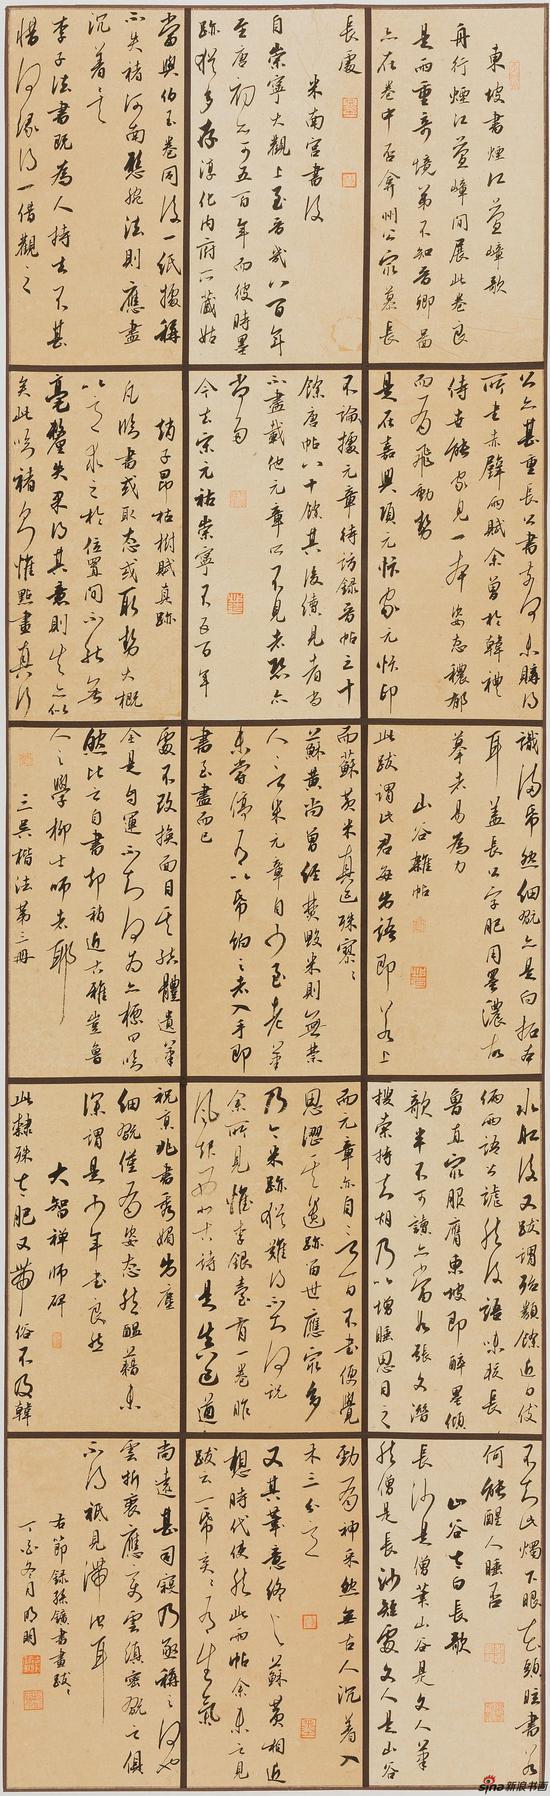 南京艺术学院-俞明明-《书画跋跋》-180x55